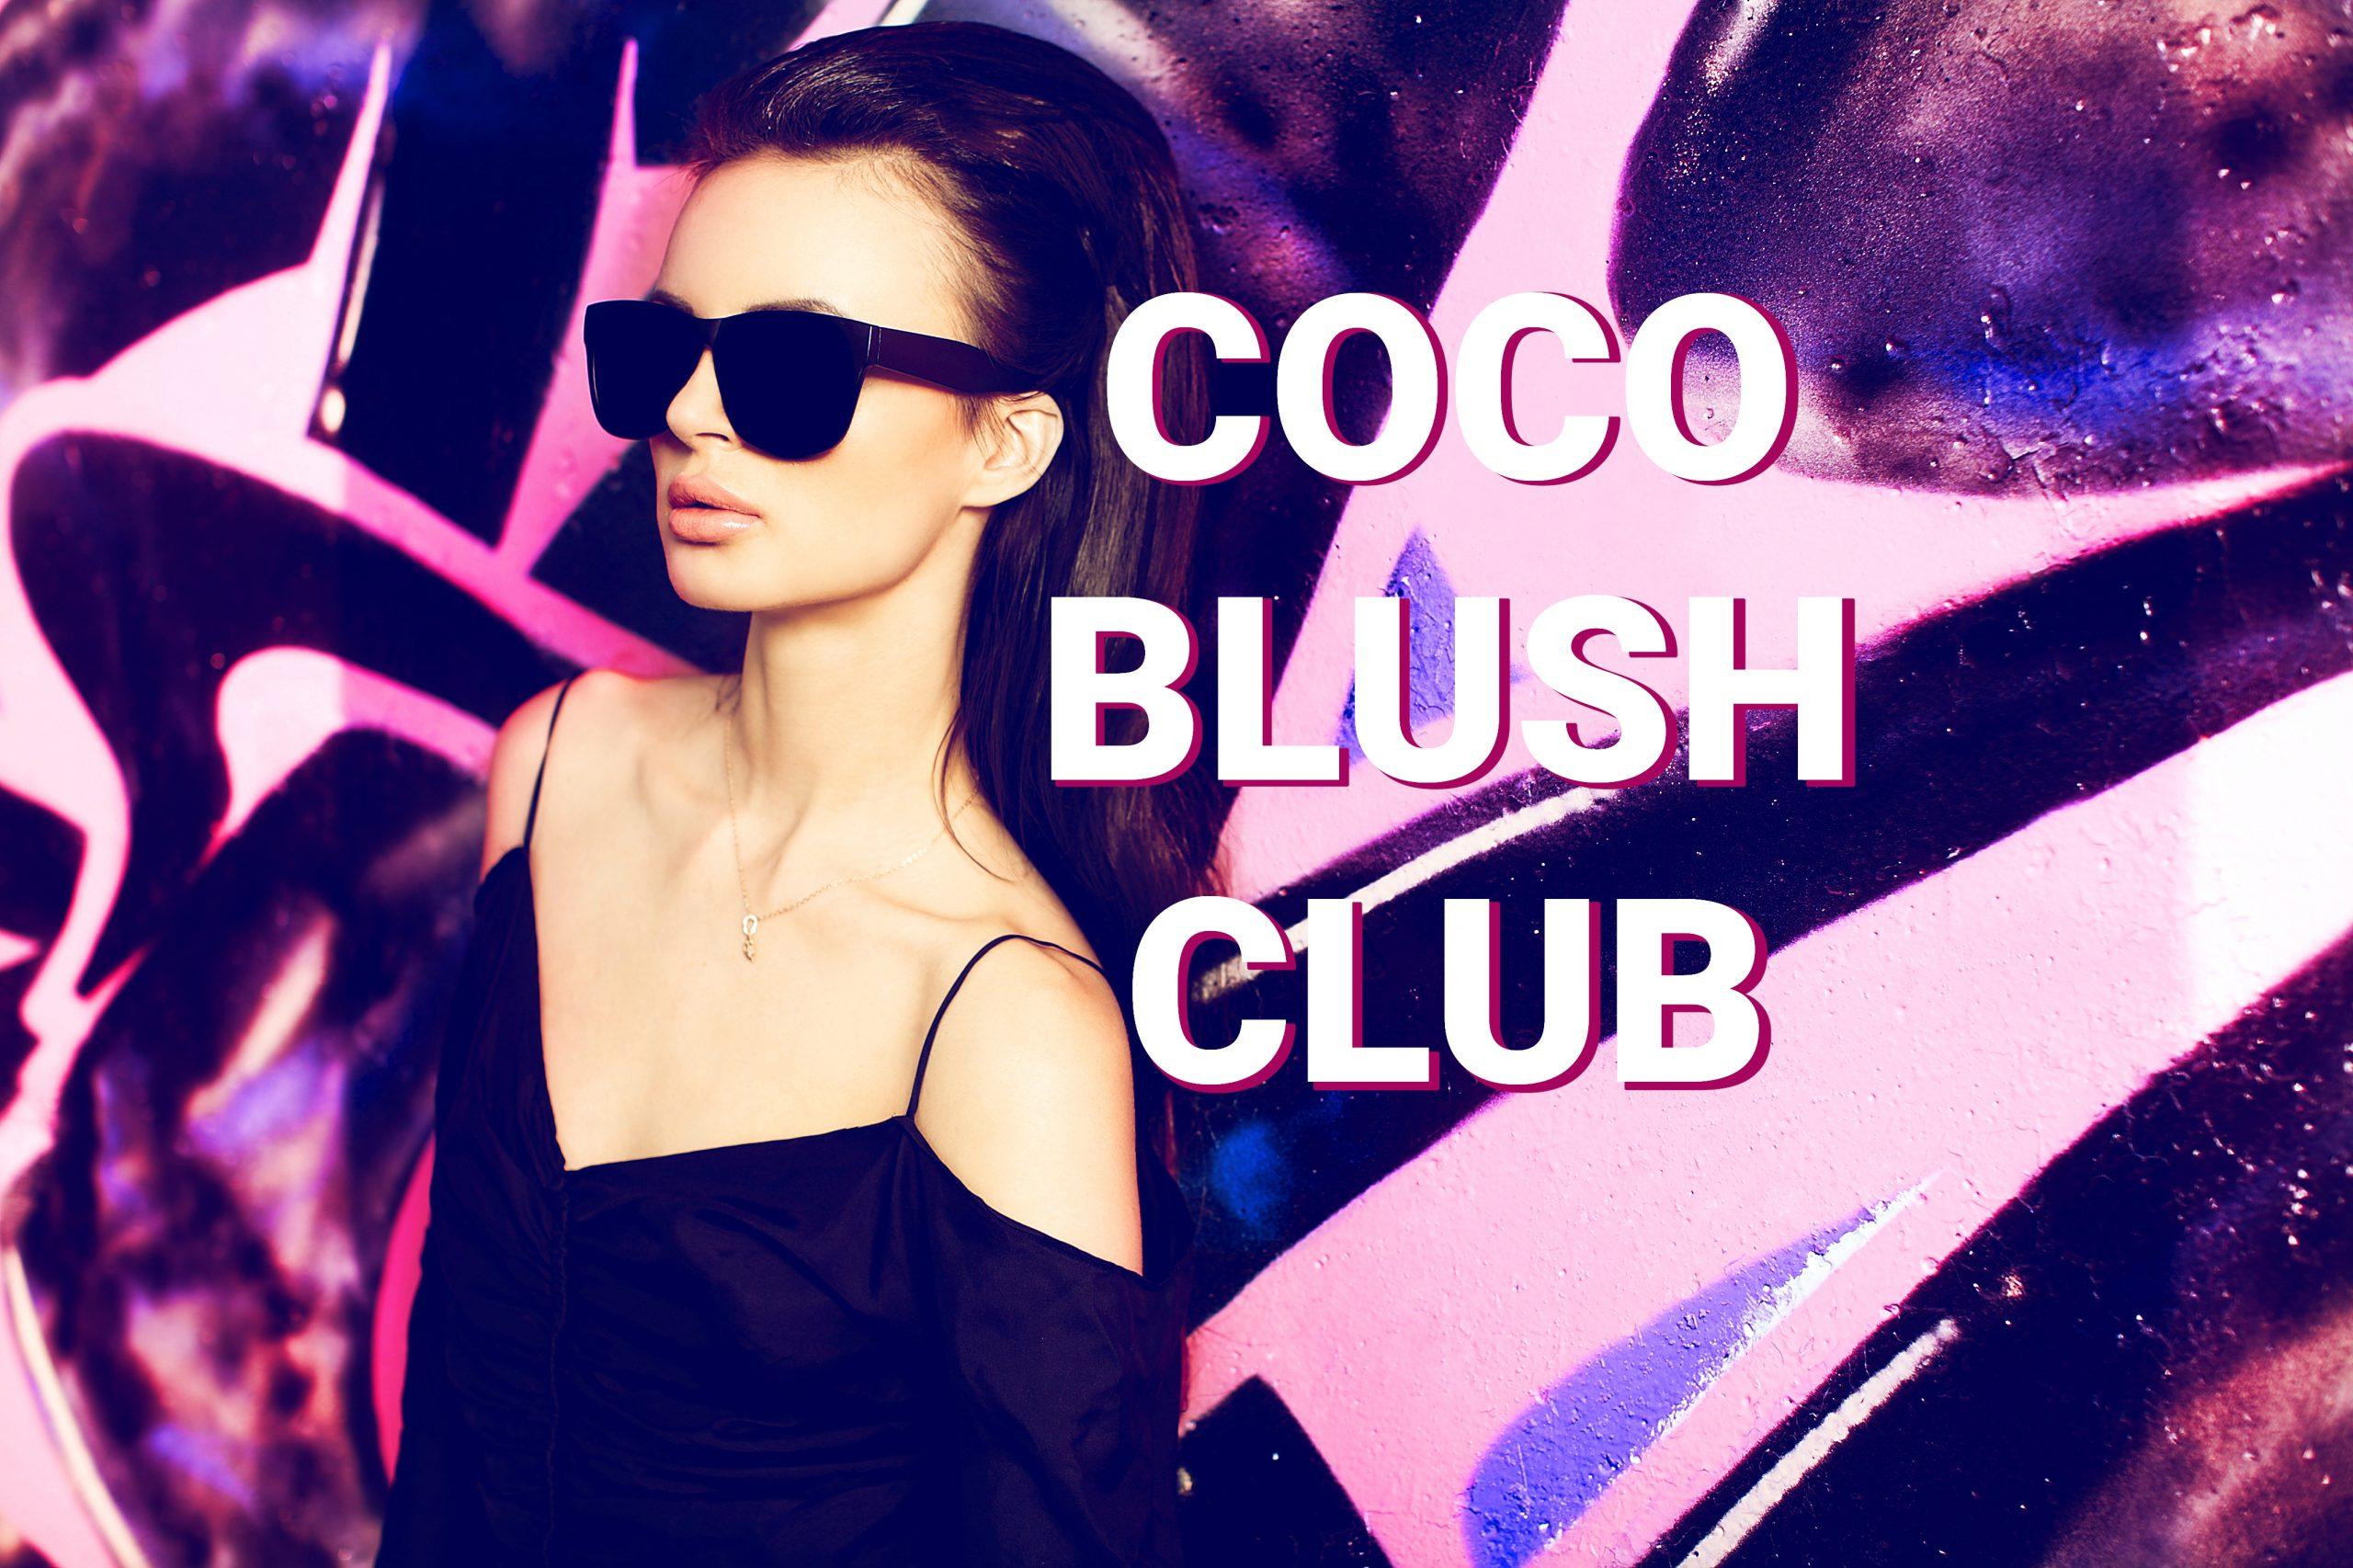 COCOBLUSH CLUB